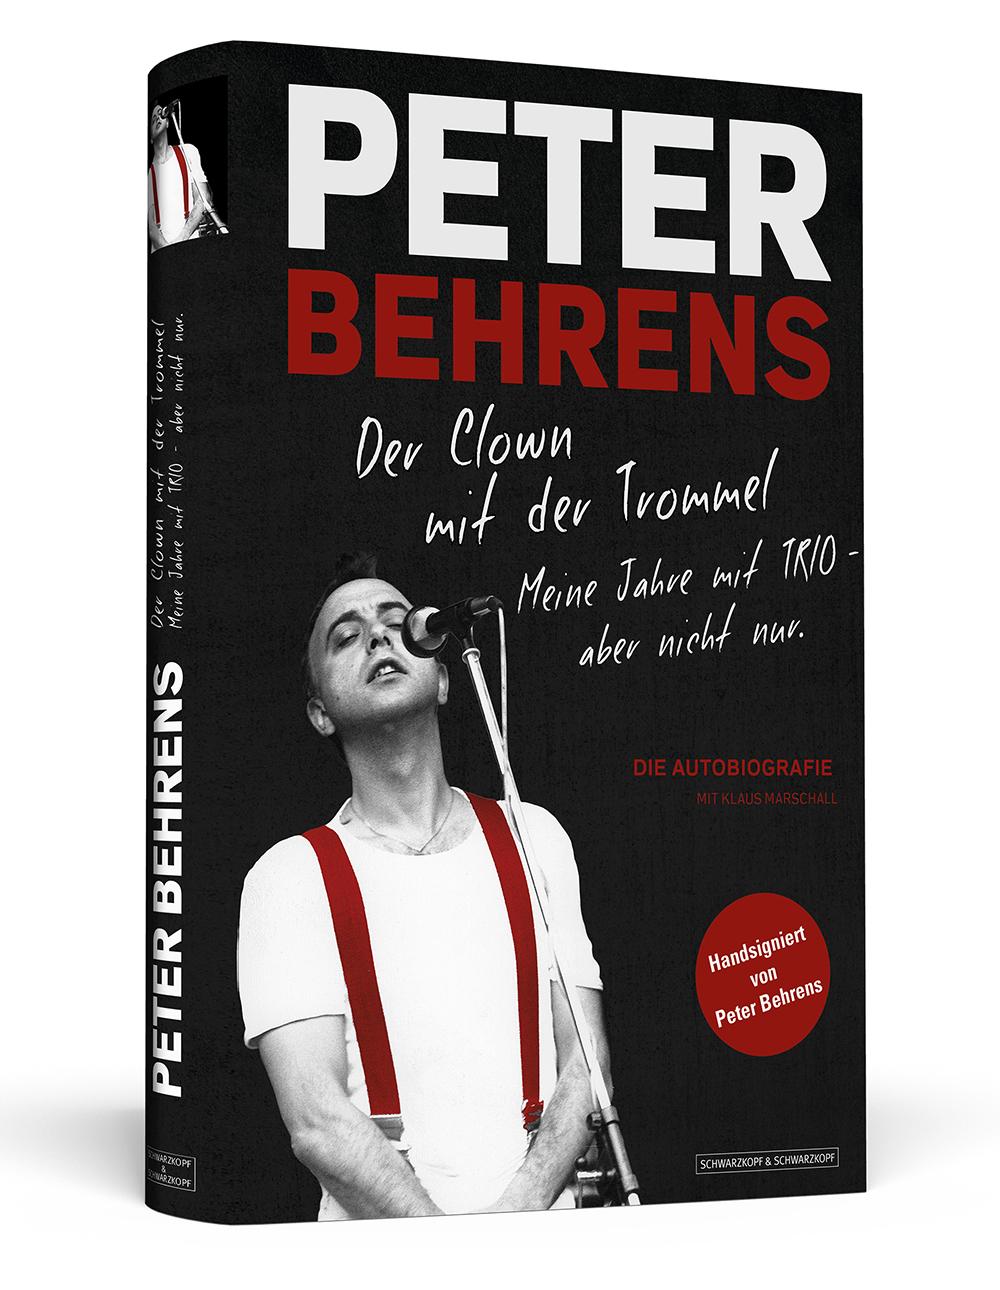 Peter Behrens: Der Clown mit der Trommel - Meine Jahre mit TRIO - aber nicht nur - Peter Behrens [Limitierte, nummeriert